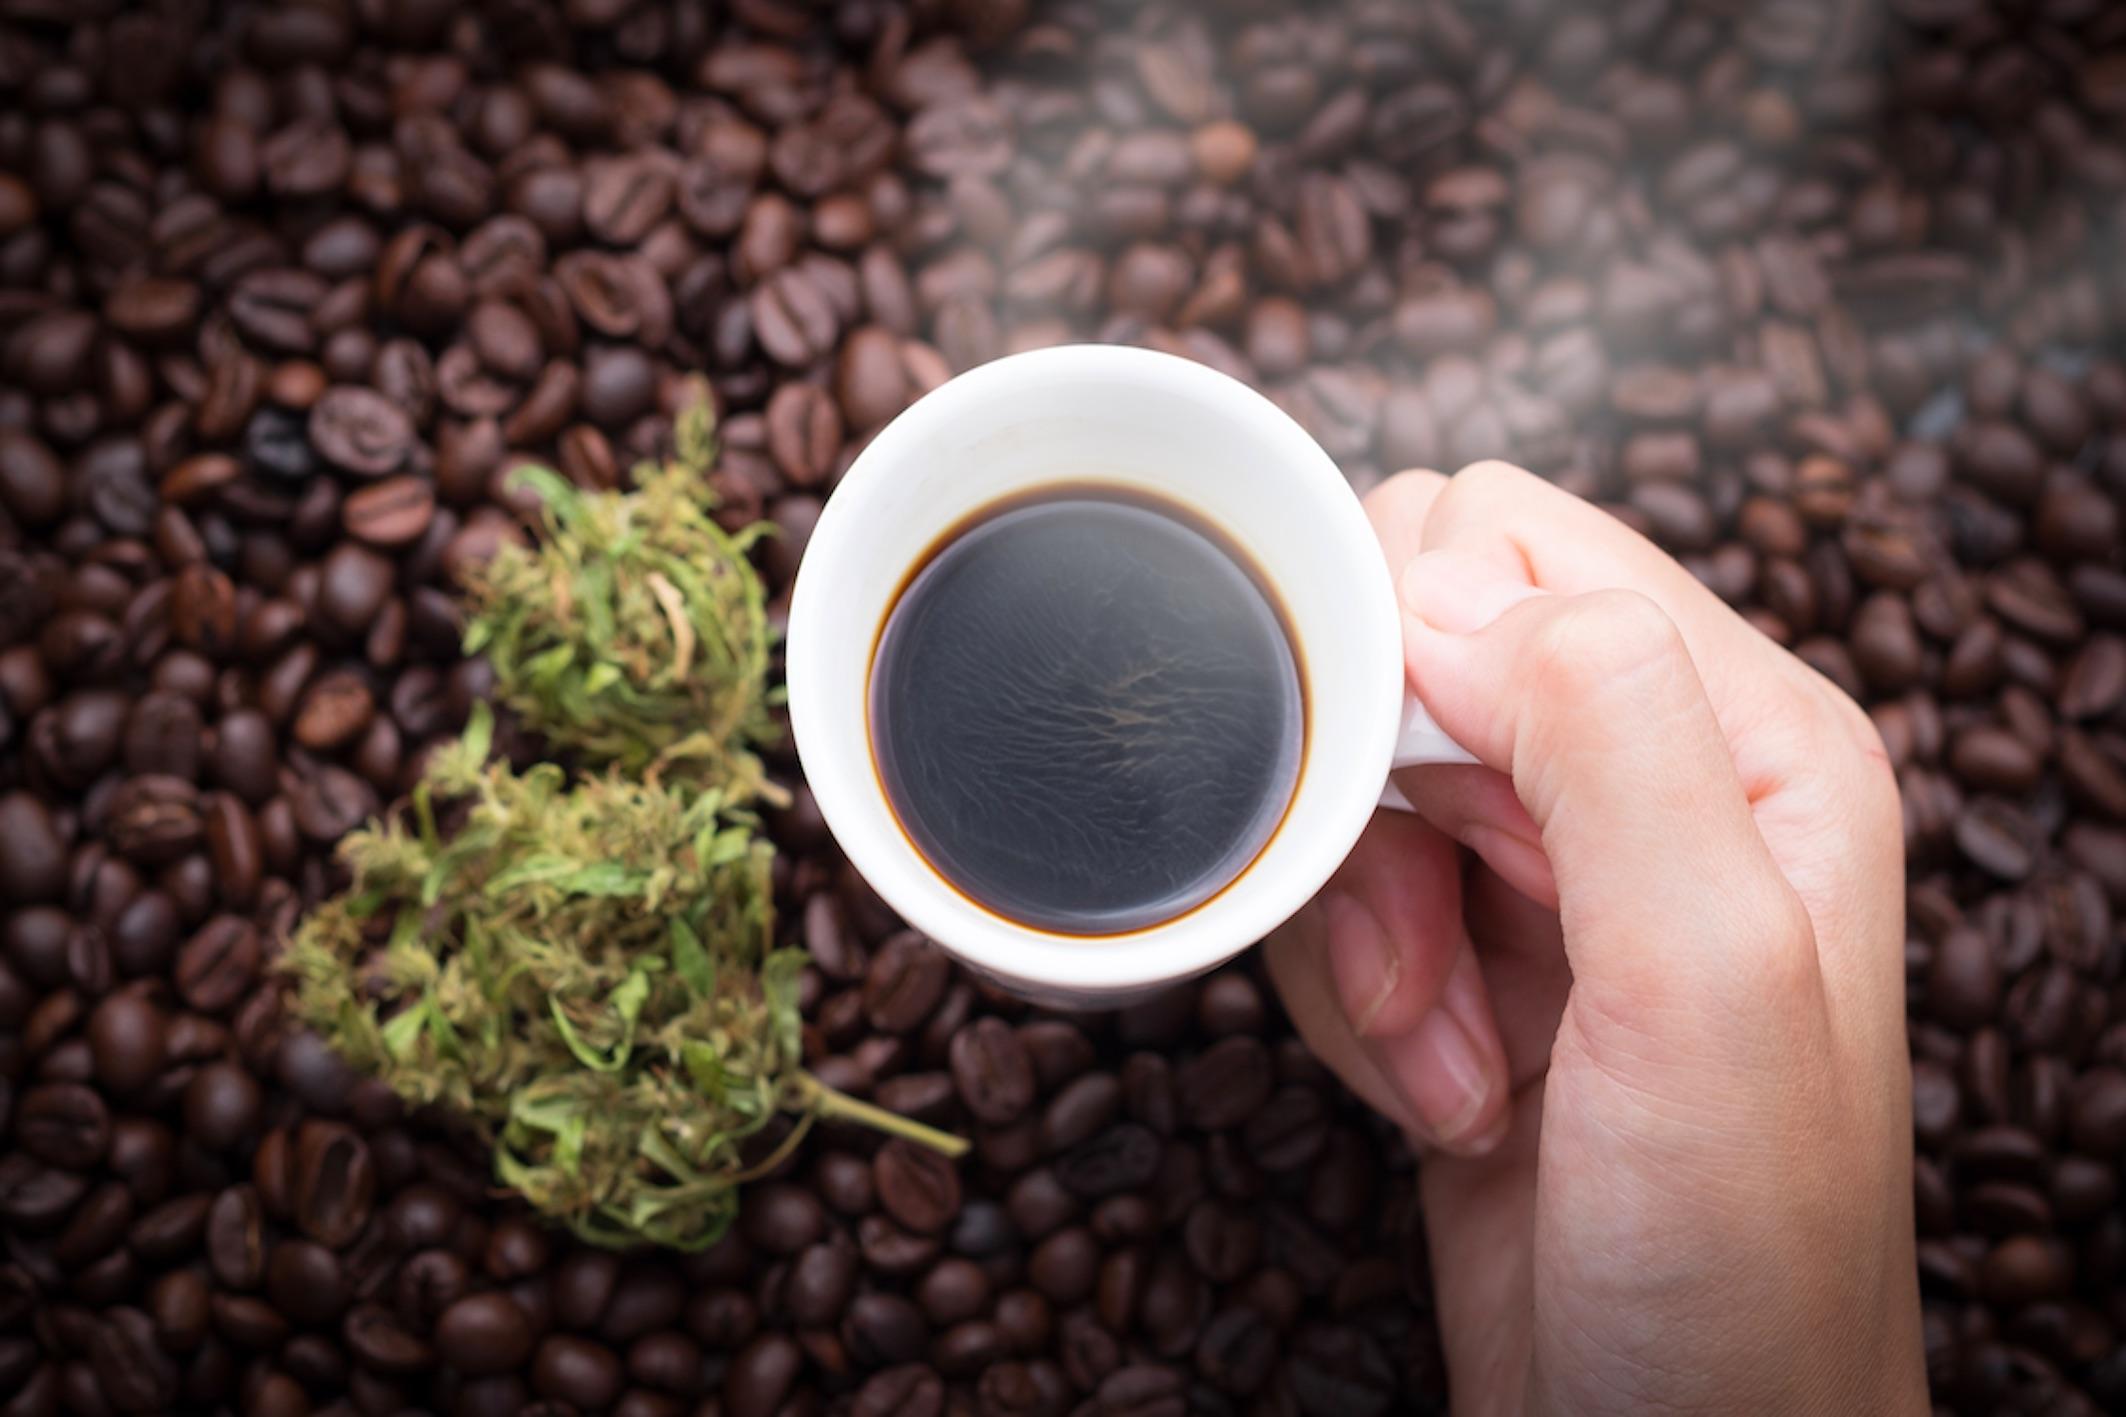 Keurig get you high on weed coffee